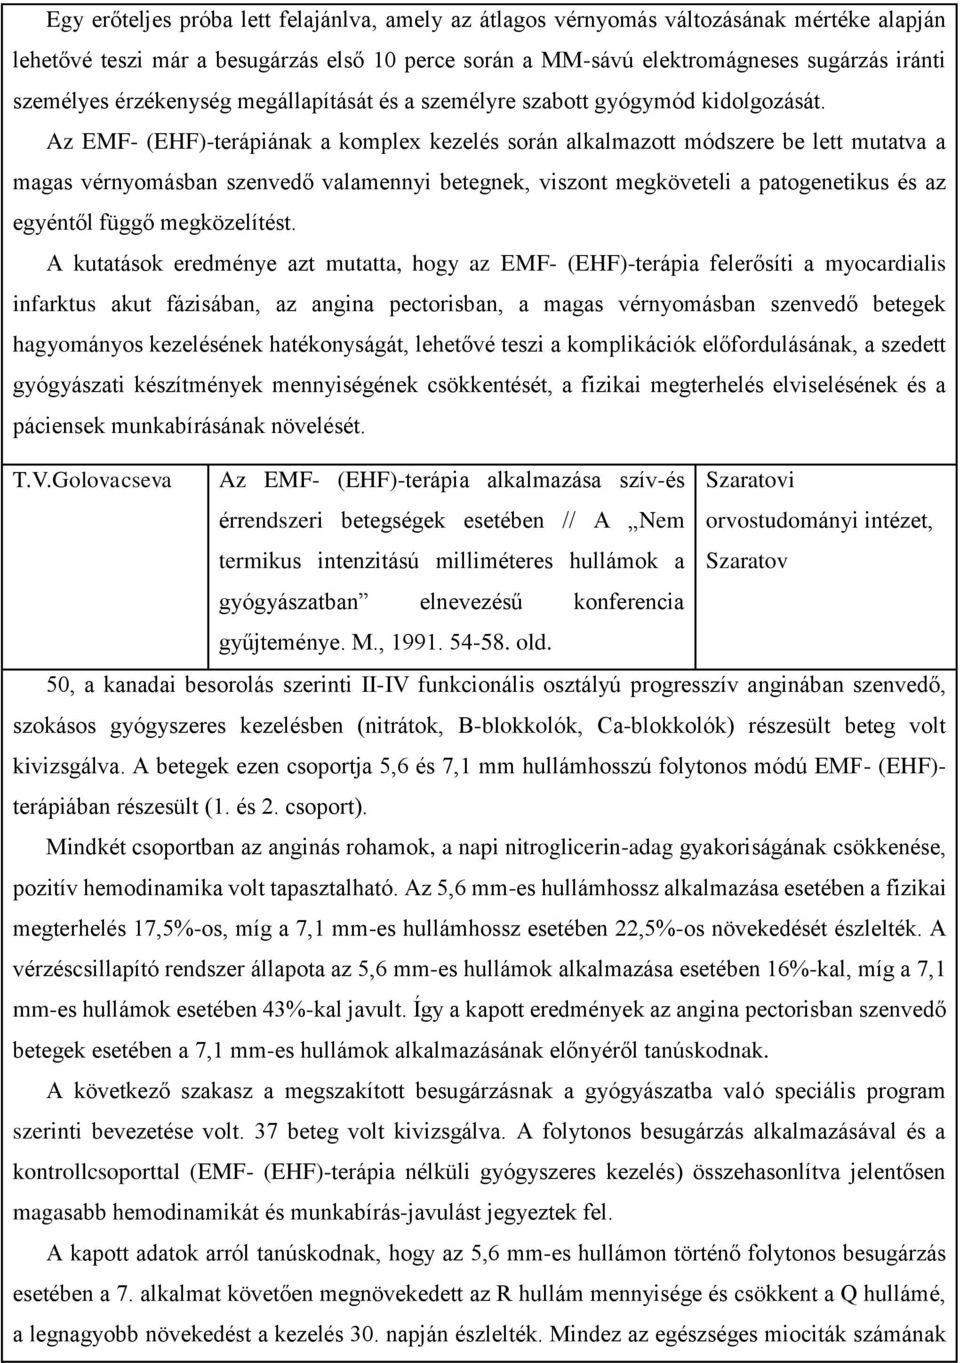 Guillain barre kezelés. A Guillain-Barré-szindróma kezelésének jellemzői